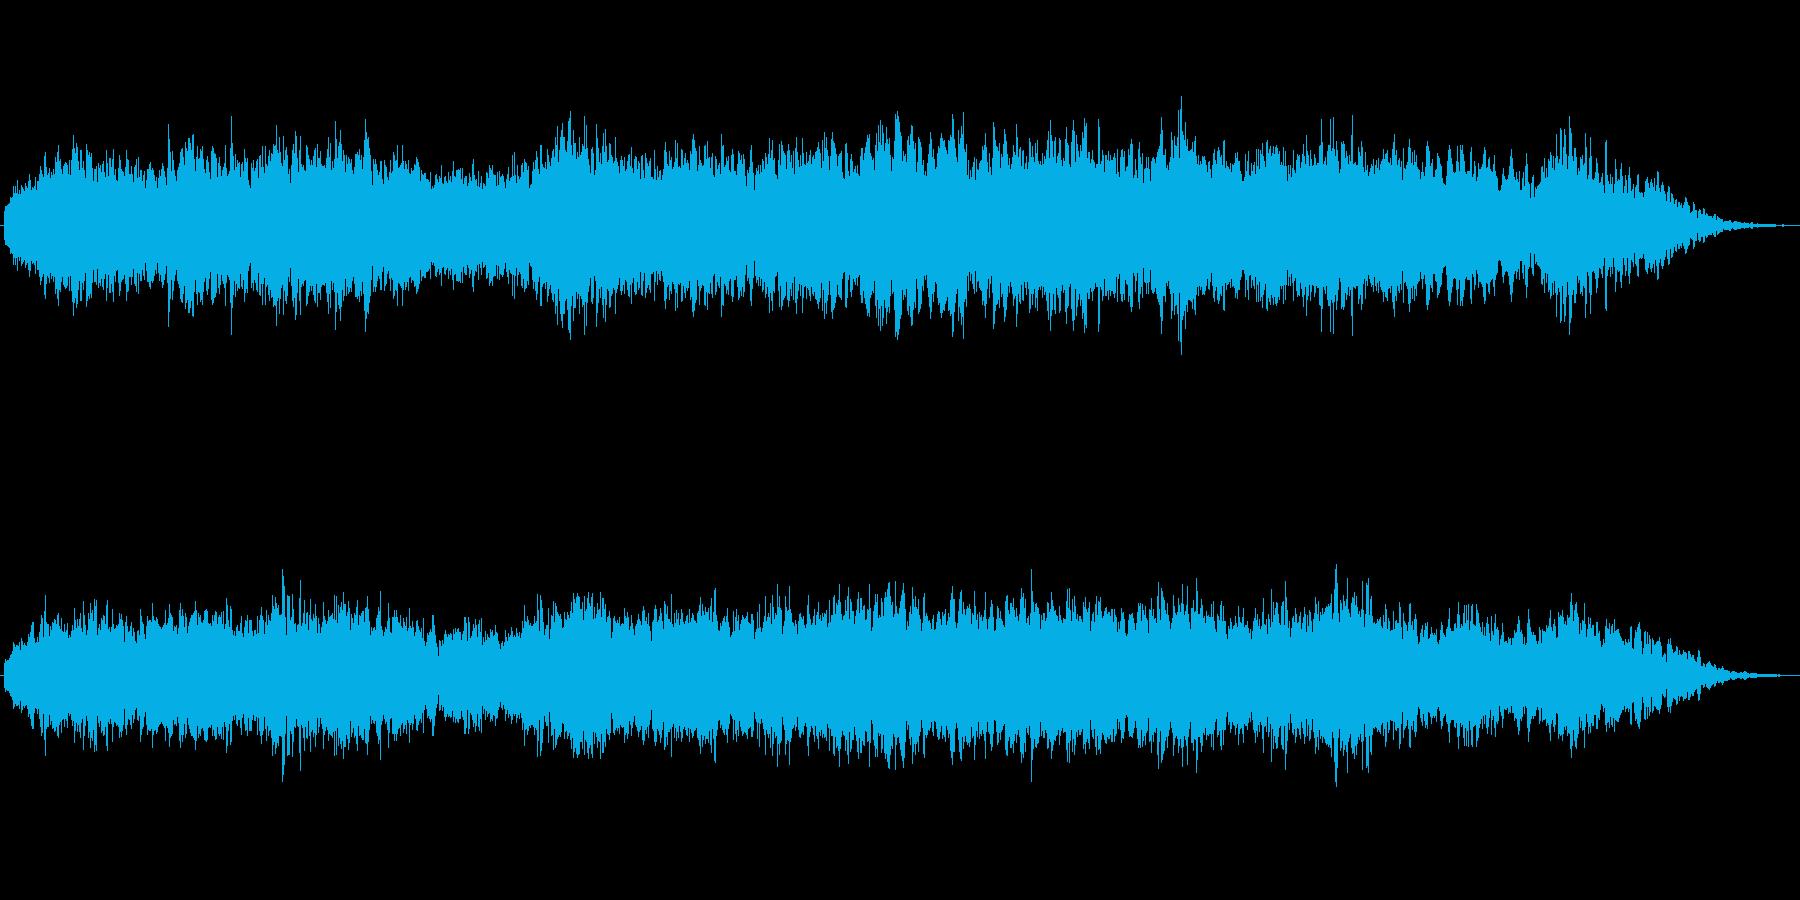 フワフワした浮遊感が印象的なジングルの再生済みの波形